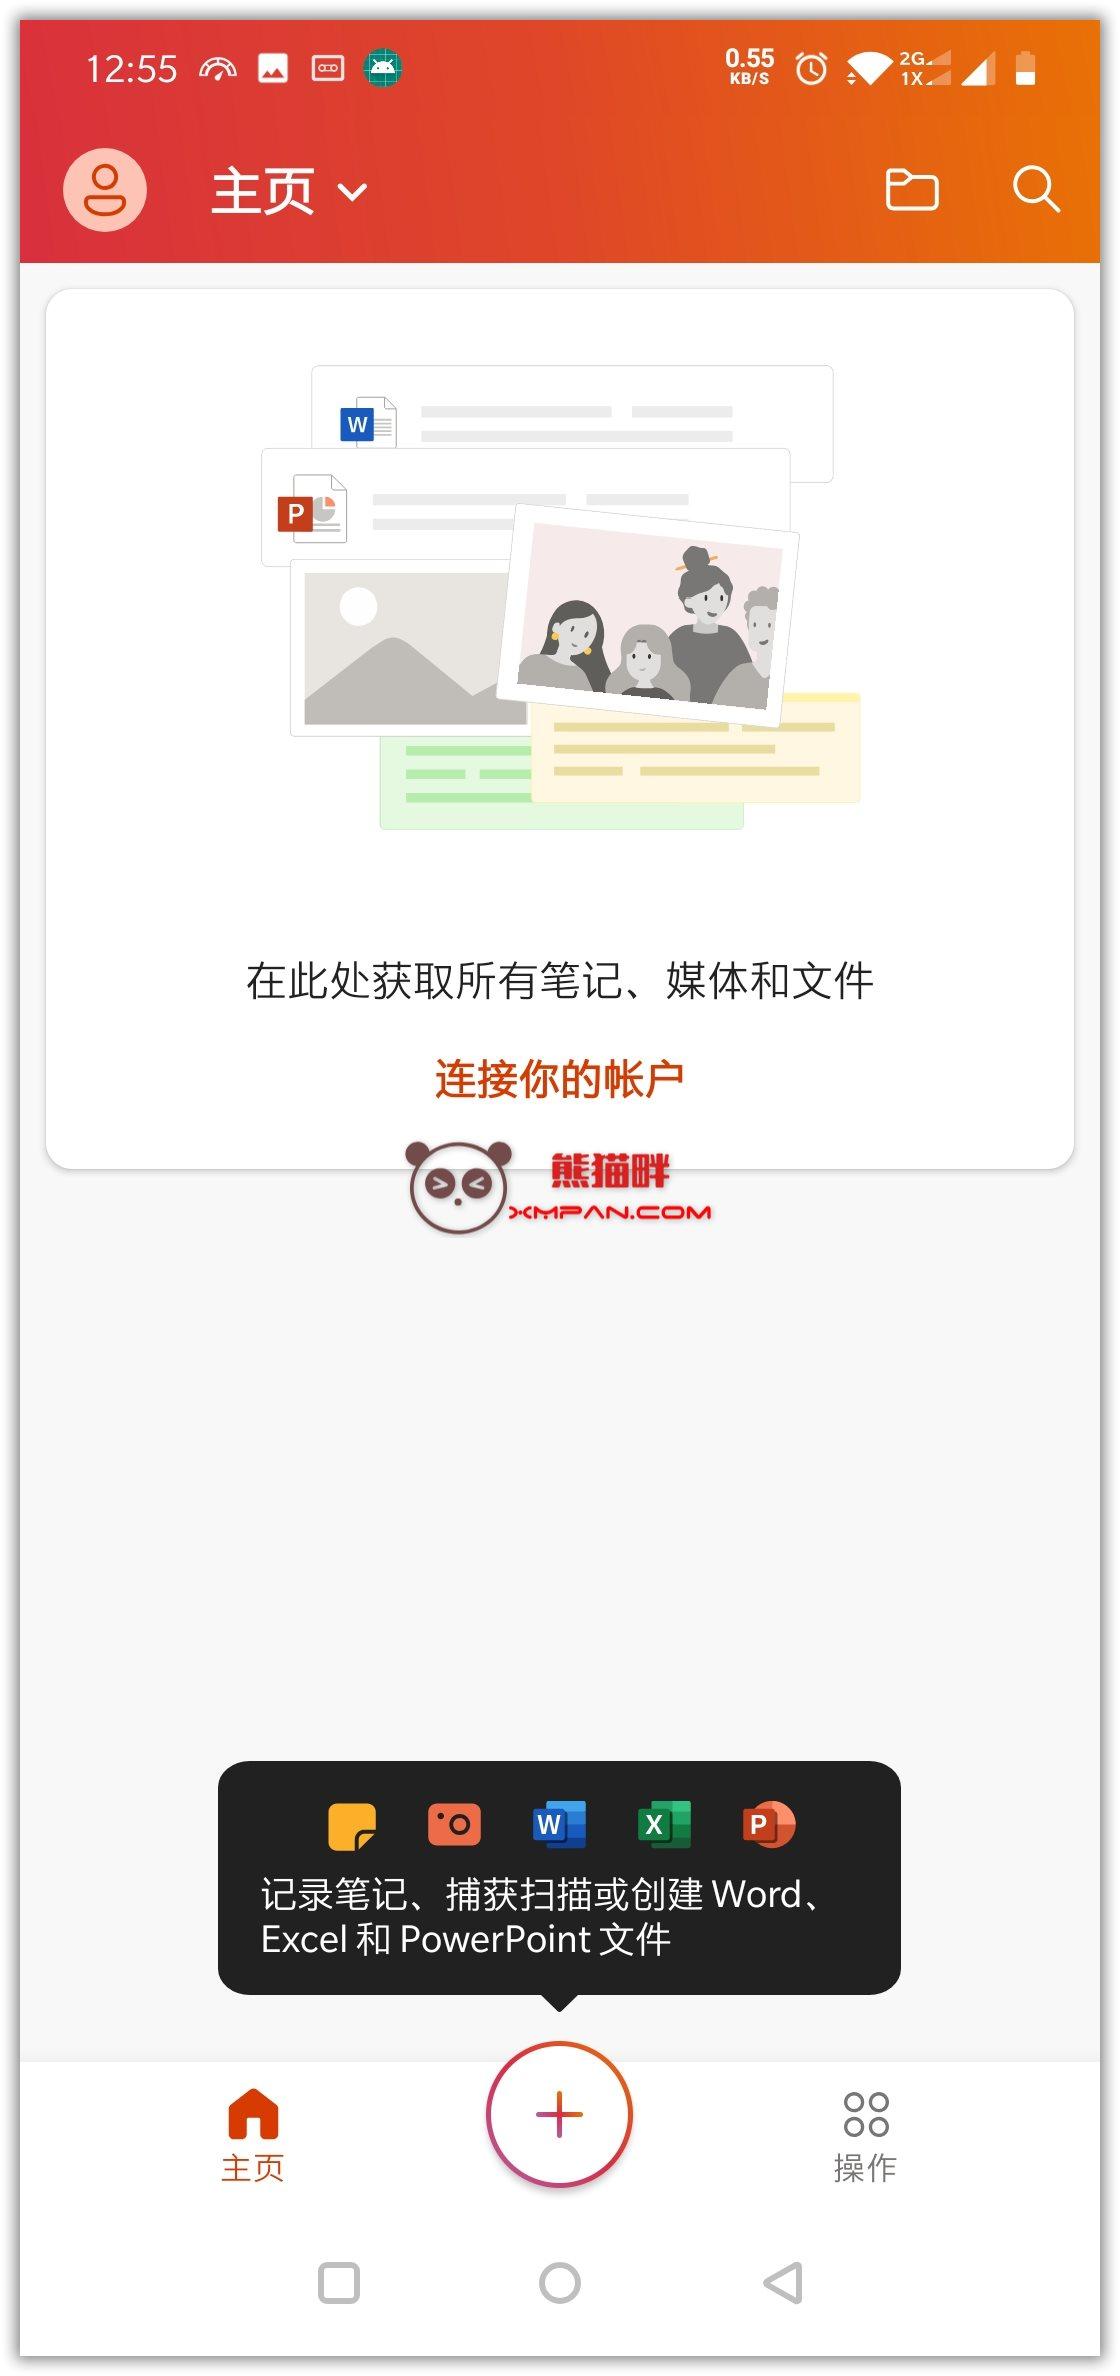 Screenshot_20211012-125531.jpg